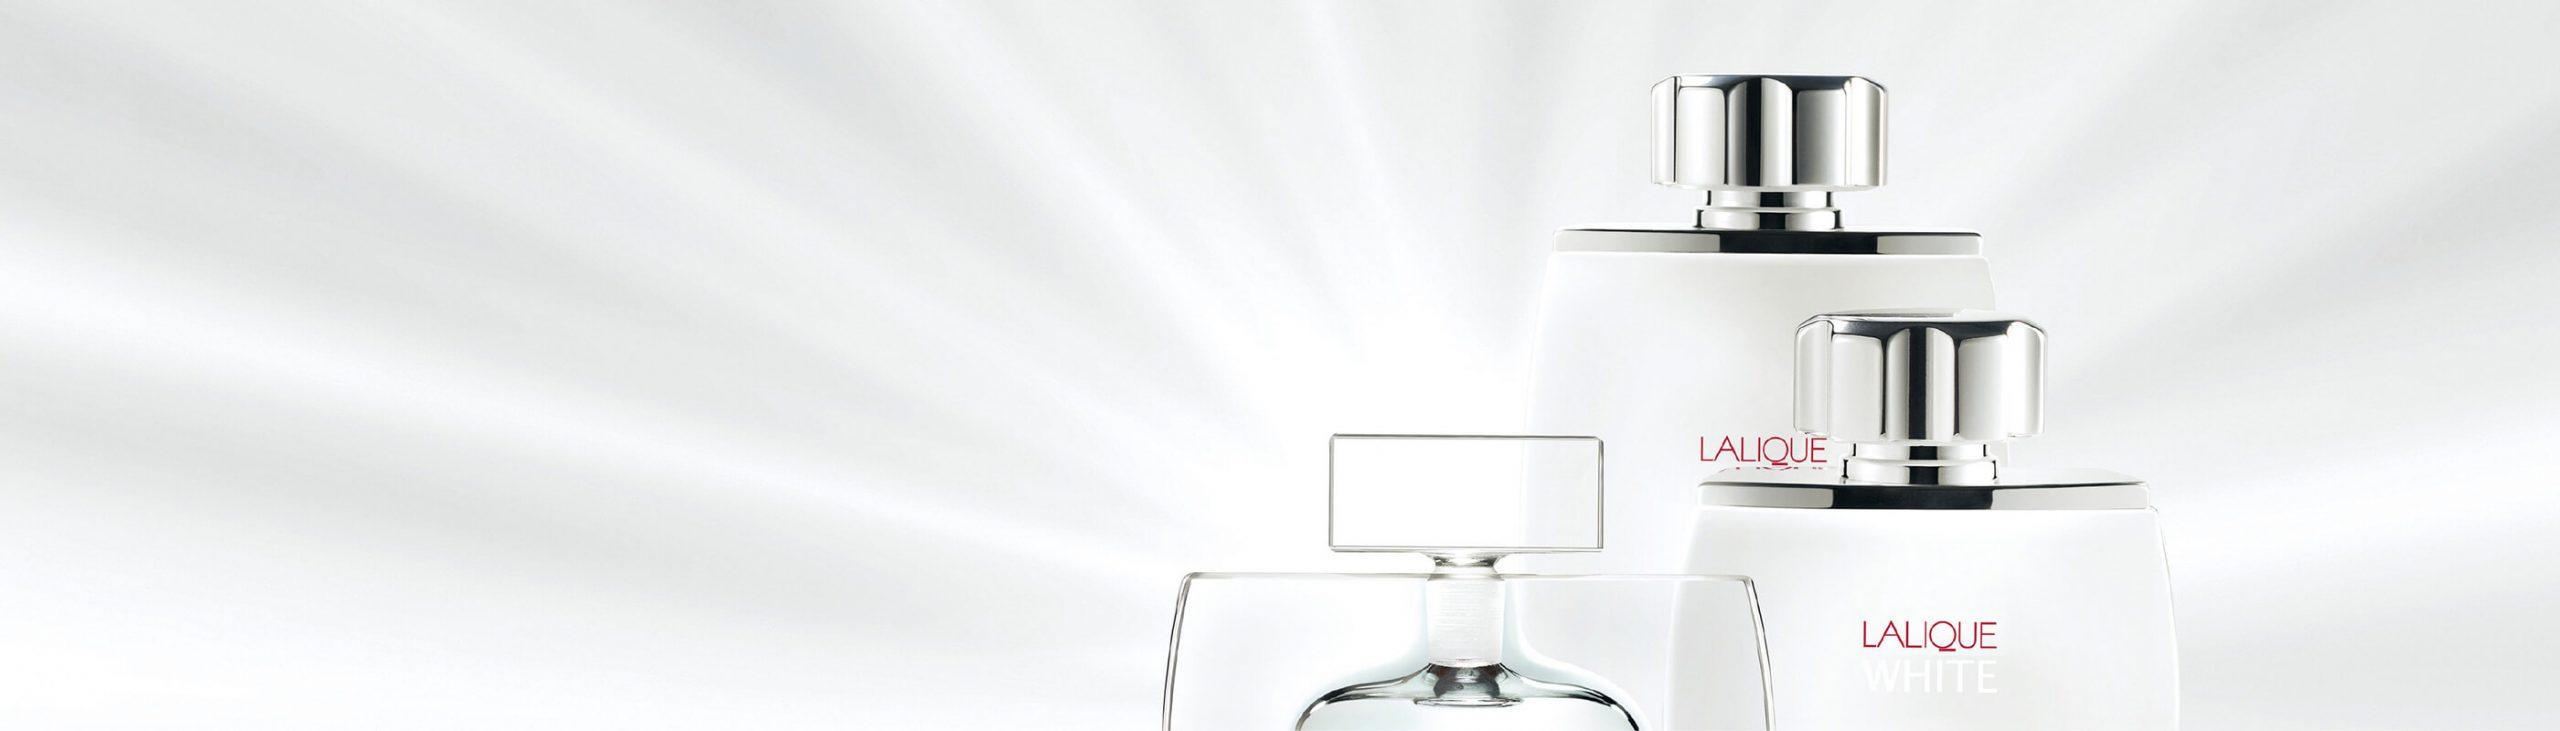 شناخت رایحه عطر های به رنگ سفید